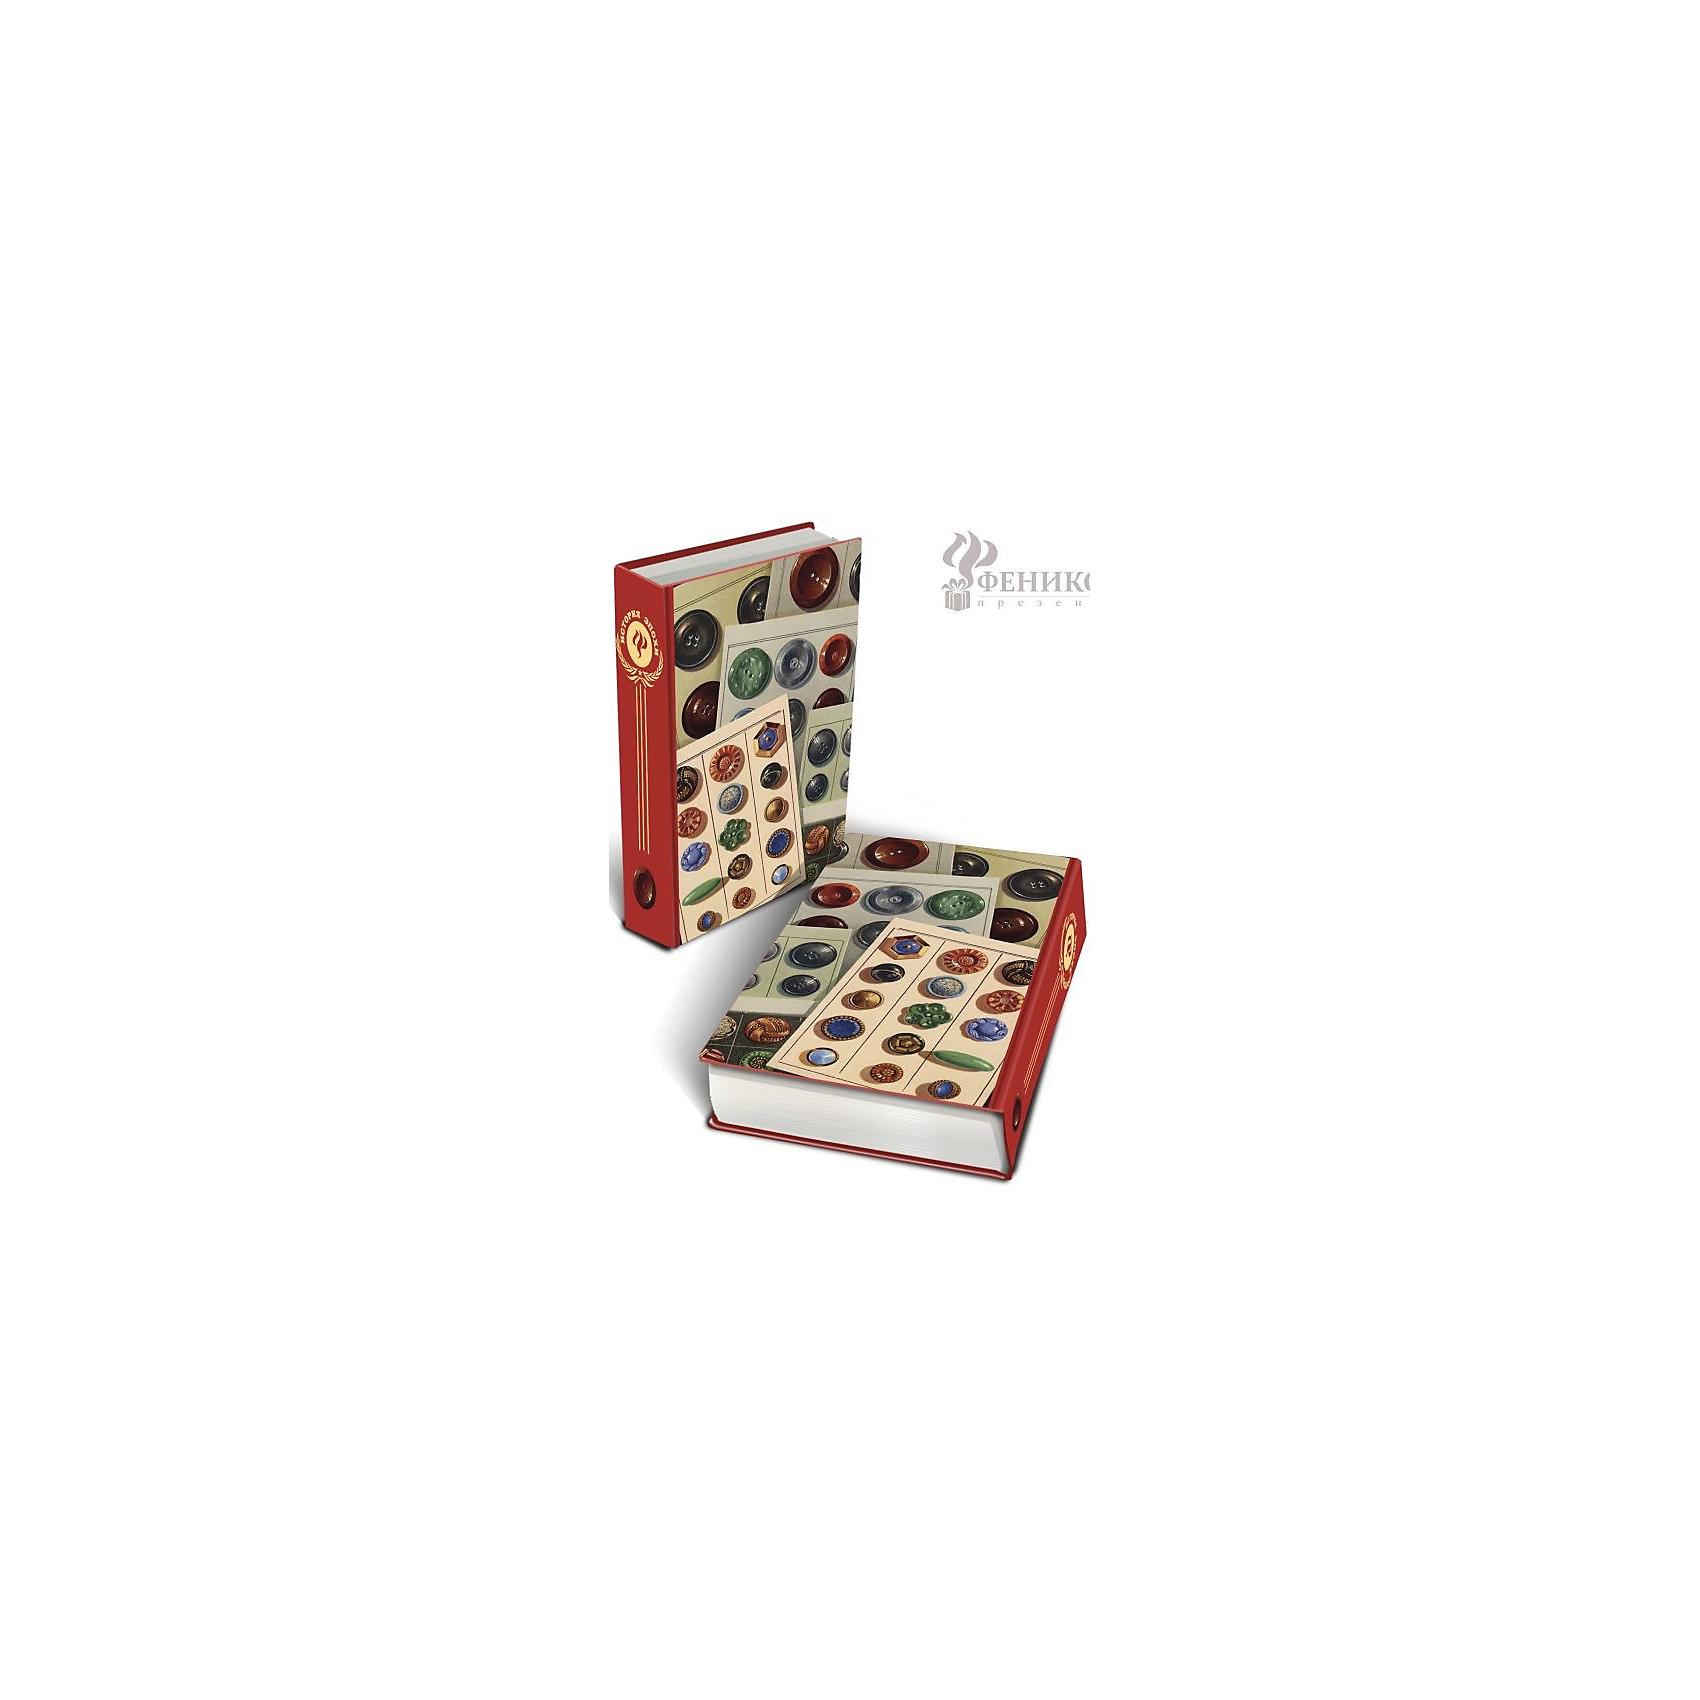 Шкатулка декоративная ПуговицыДекоративная шкатулка Пуговицы изготовлена из дерева в форме книги. Она декорирована интересным рисунком с набором пуговиц. В такой шкатулке приятно будет приятно хранить вещи, украшения и мелкие безделушки.<br><br>Дополнительная информация:<br>Материал: МДФ<br>Размер: 17х11х5 см<br>Вес: 380 грамм<br>Вы можете купить декоративную шкатулку Пуговицы в нашем интернет-магазине.<br><br>Ширина мм: 390<br>Глубина мм: 370<br>Высота мм: 380<br>Вес г: 307<br>Возраст от месяцев: 84<br>Возраст до месяцев: 216<br>Пол: Унисекс<br>Возраст: Детский<br>SKU: 4957983